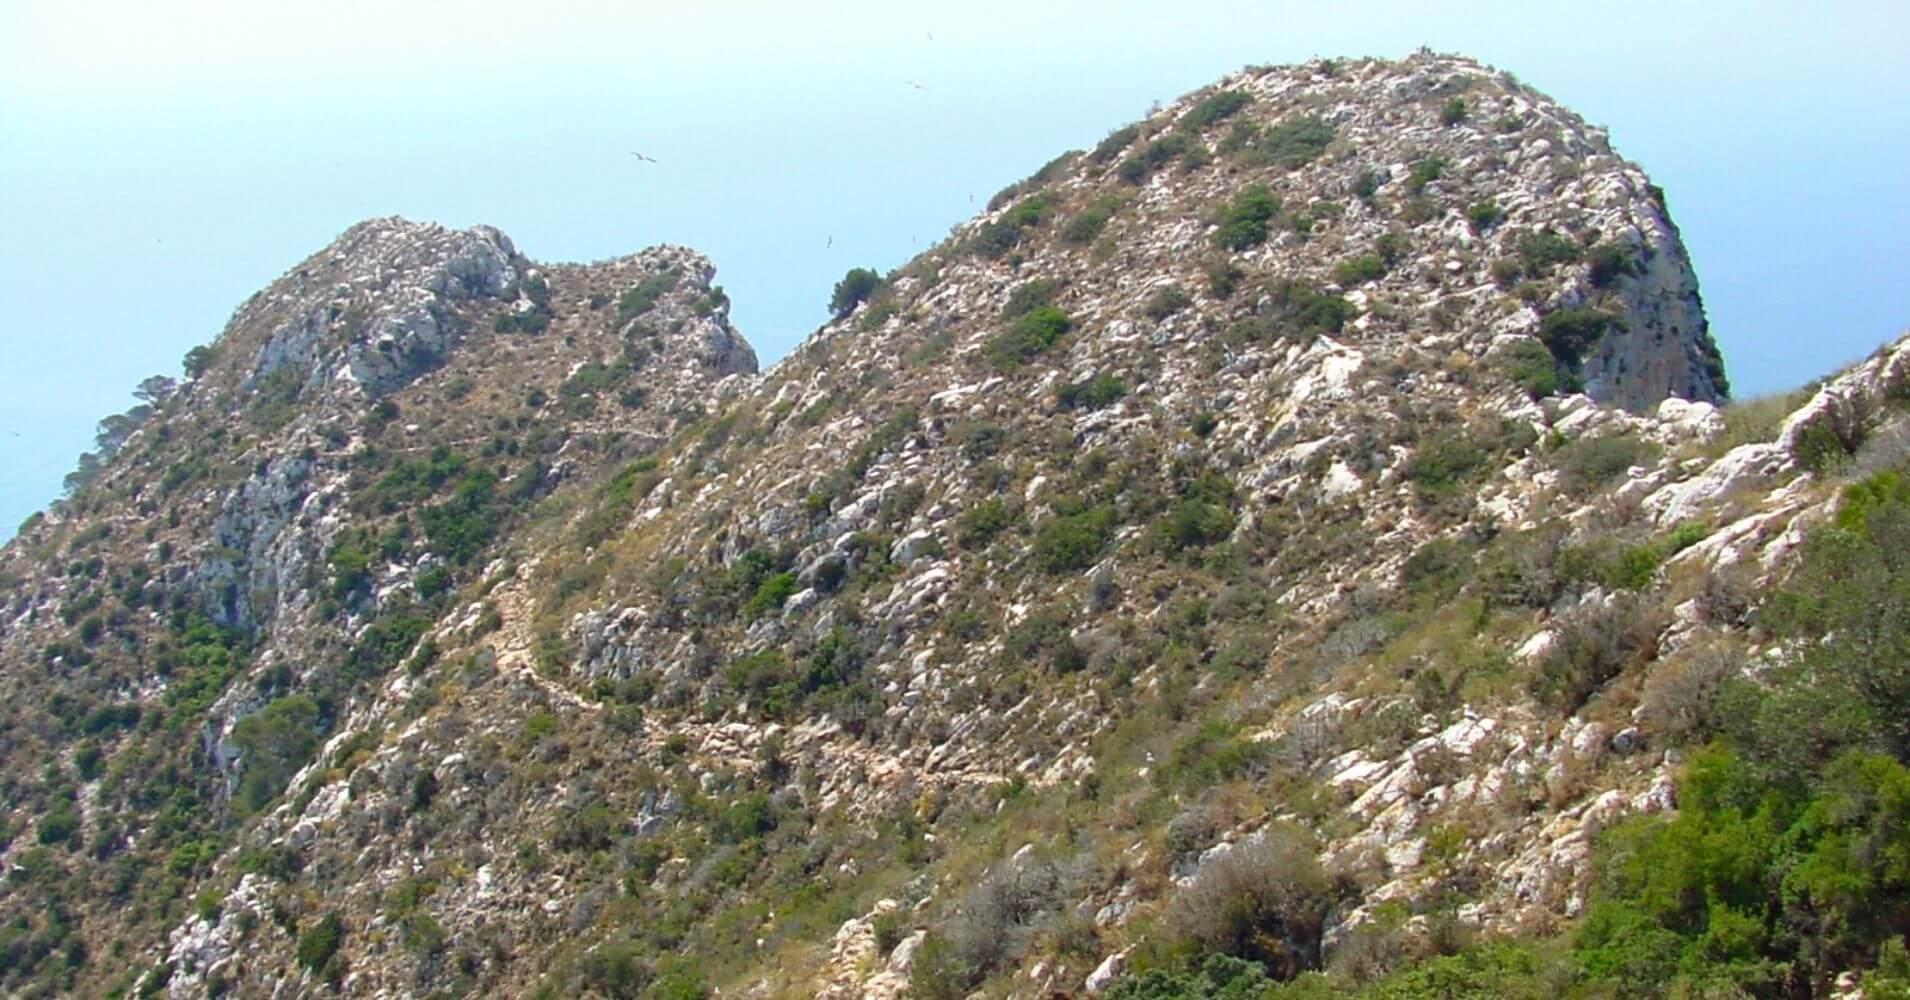 Vertiente de Levante. Mirador Carabineros. Calpe, Alicante. Comunidad Valenciana.